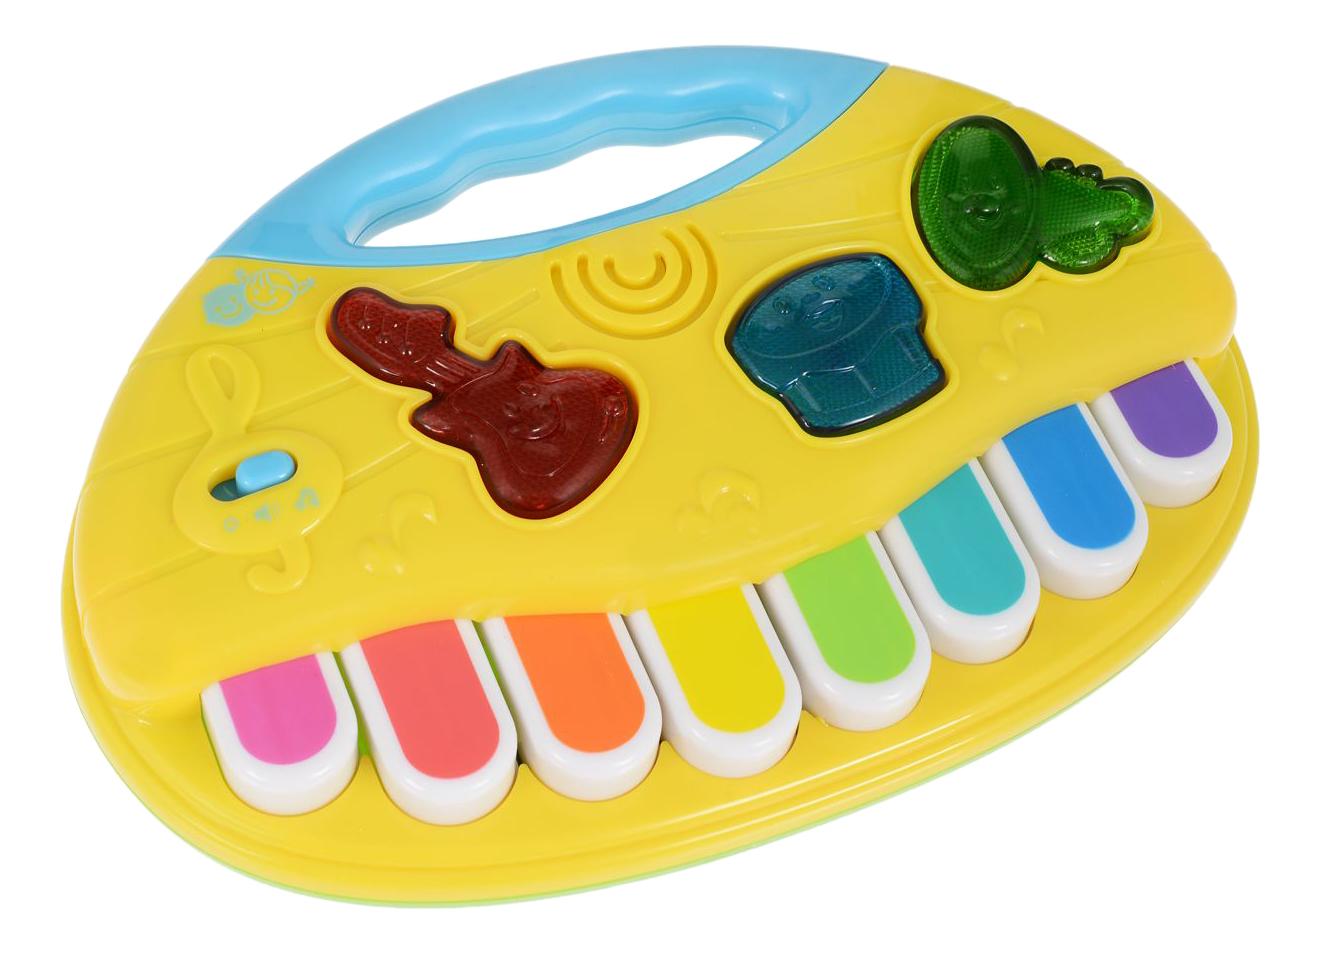 Купить Пианино игрушечное Playgo Мое первое пианино, Play&Go, Детские музыкальные инструменты